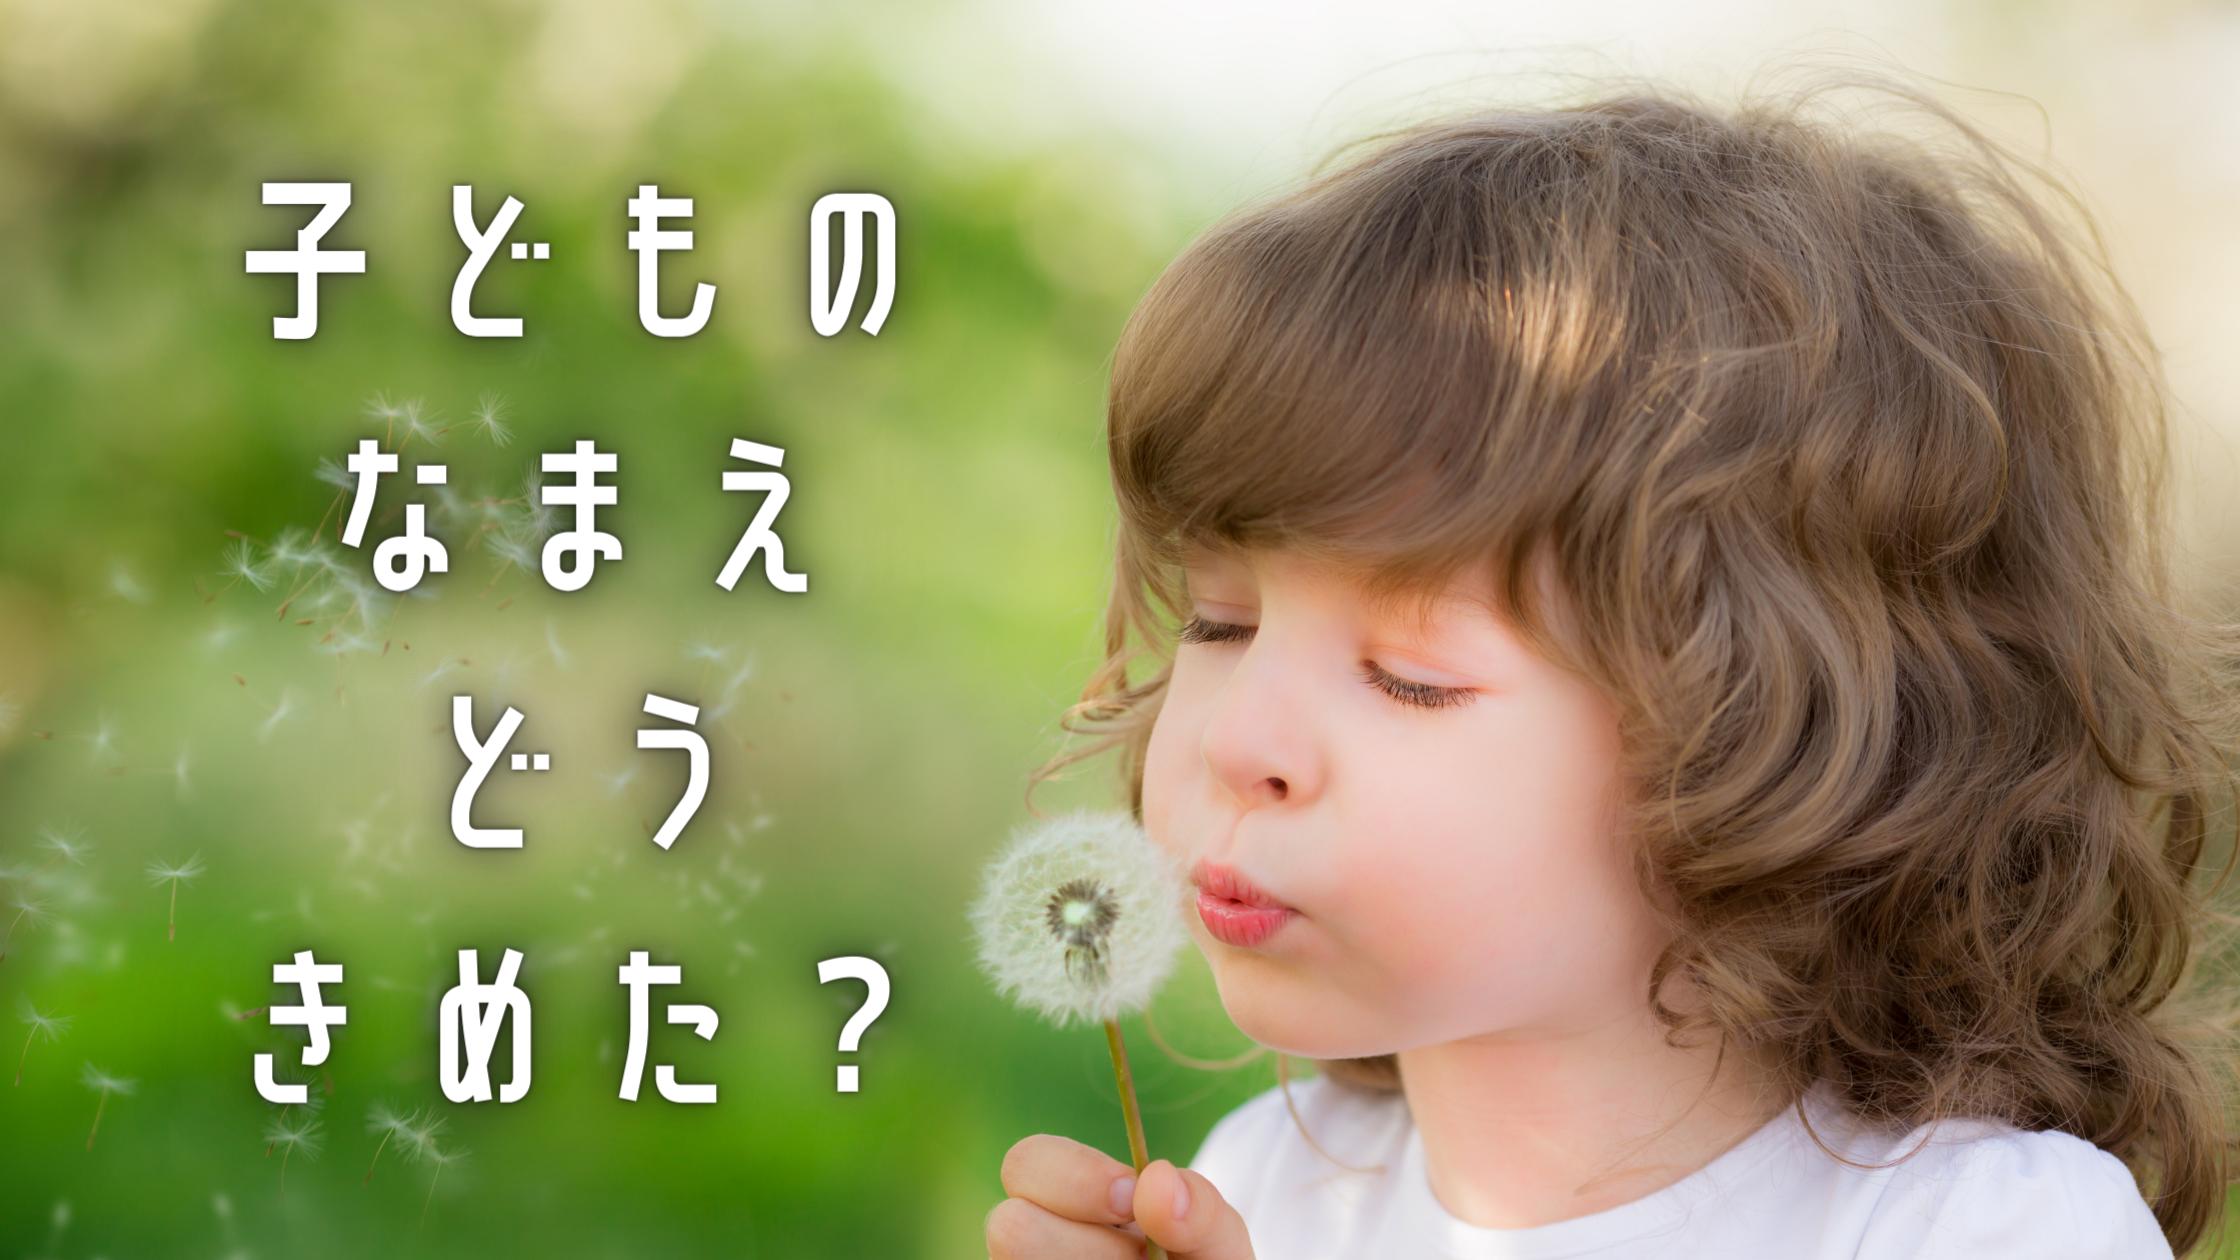 【令和版】赤ちゃんの名前どう決めた?